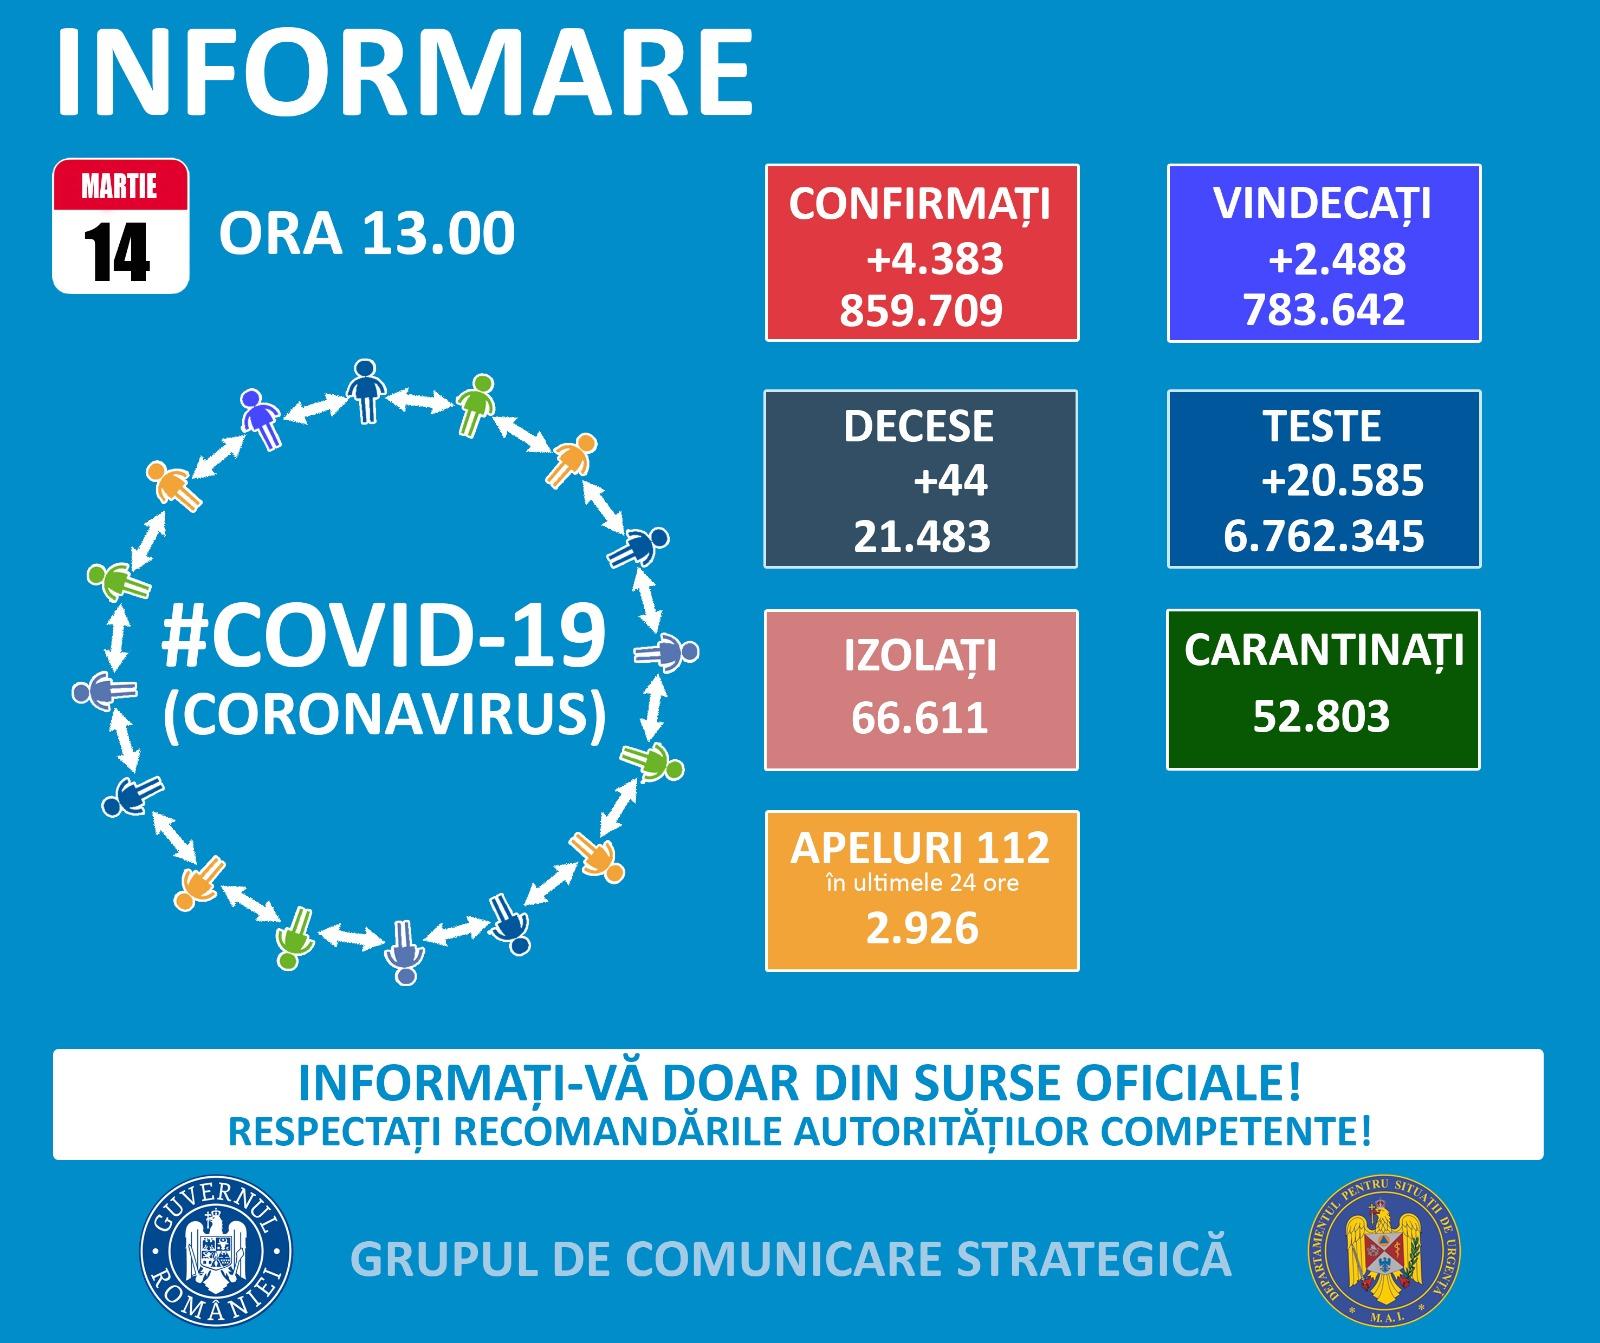 Informare COVID-19 14.03.2021